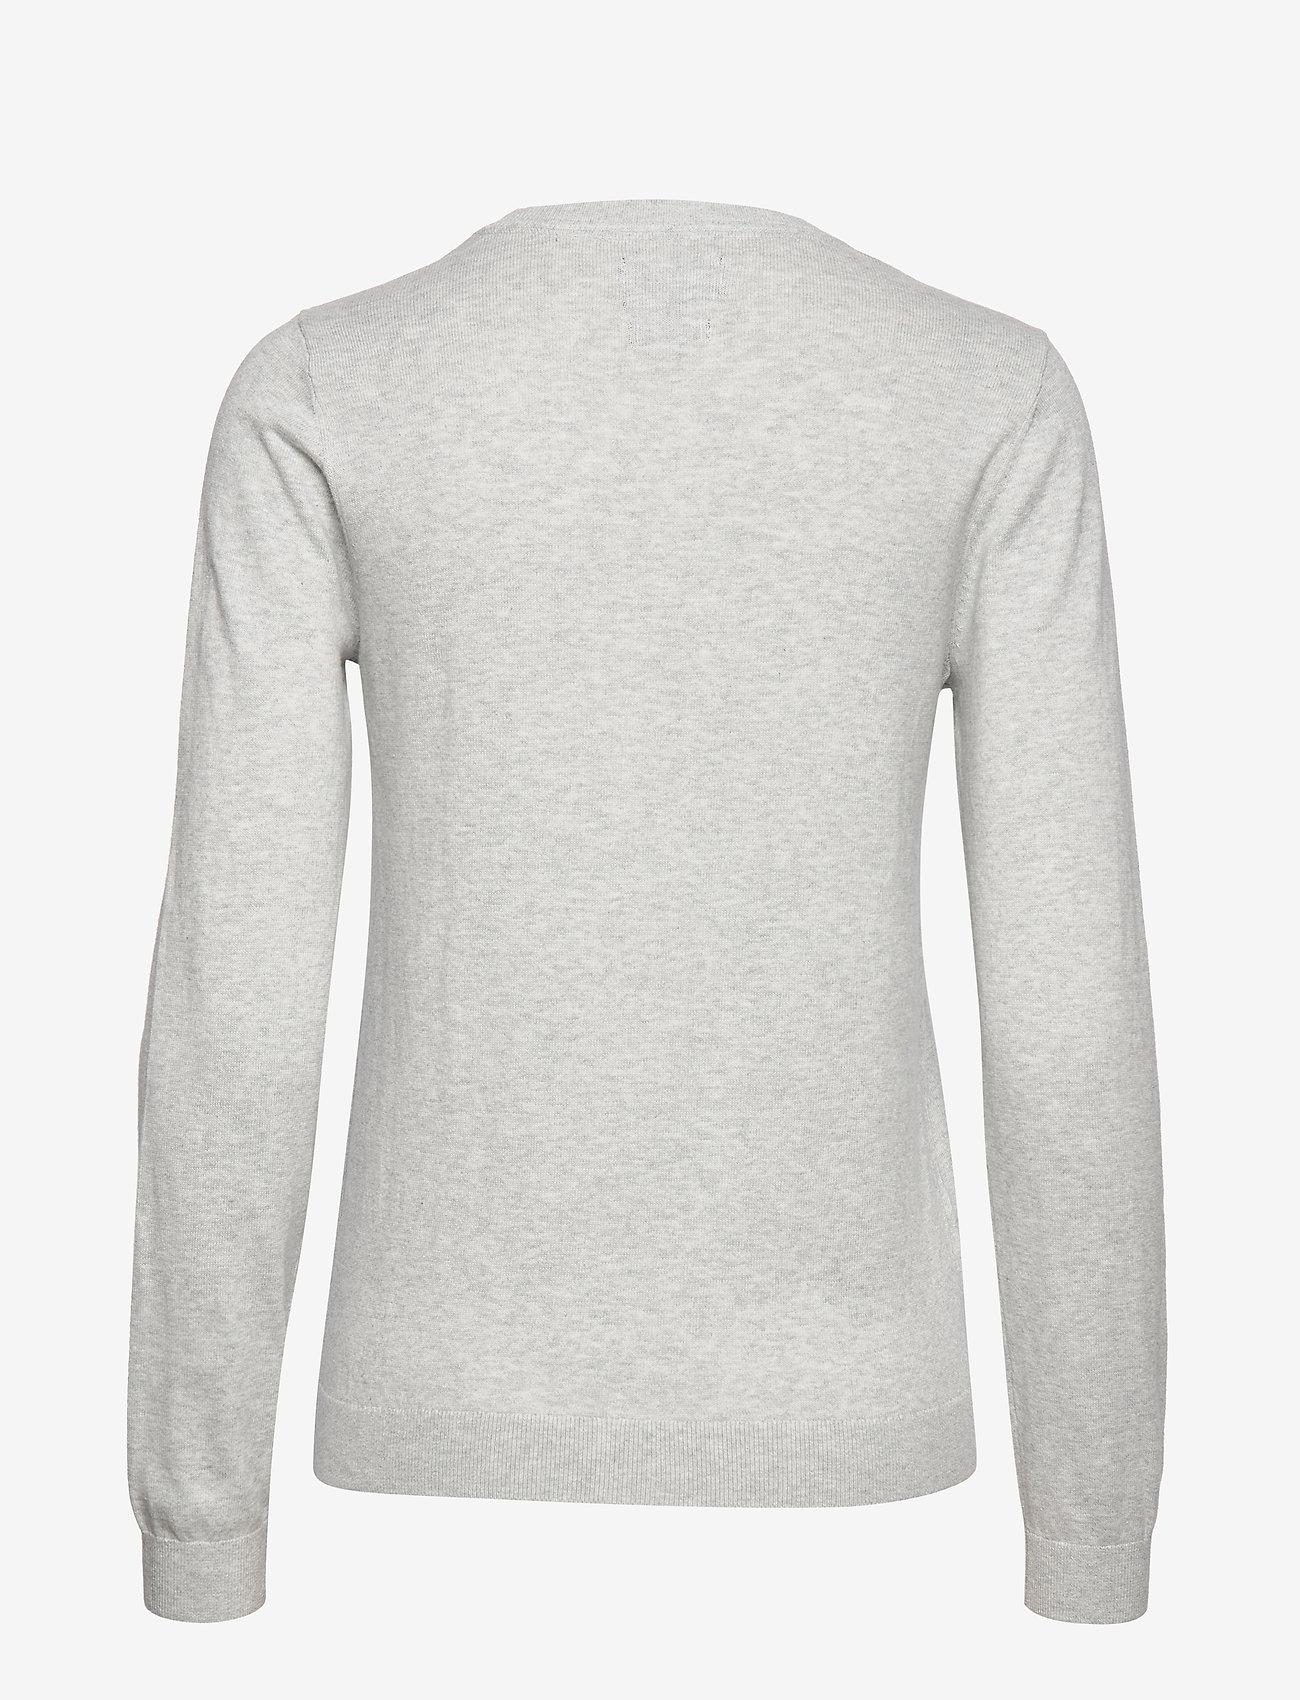 Lexington Clothing Marline Sweater - Dzianina GRAY MELANGE - Kobiety Odzież.